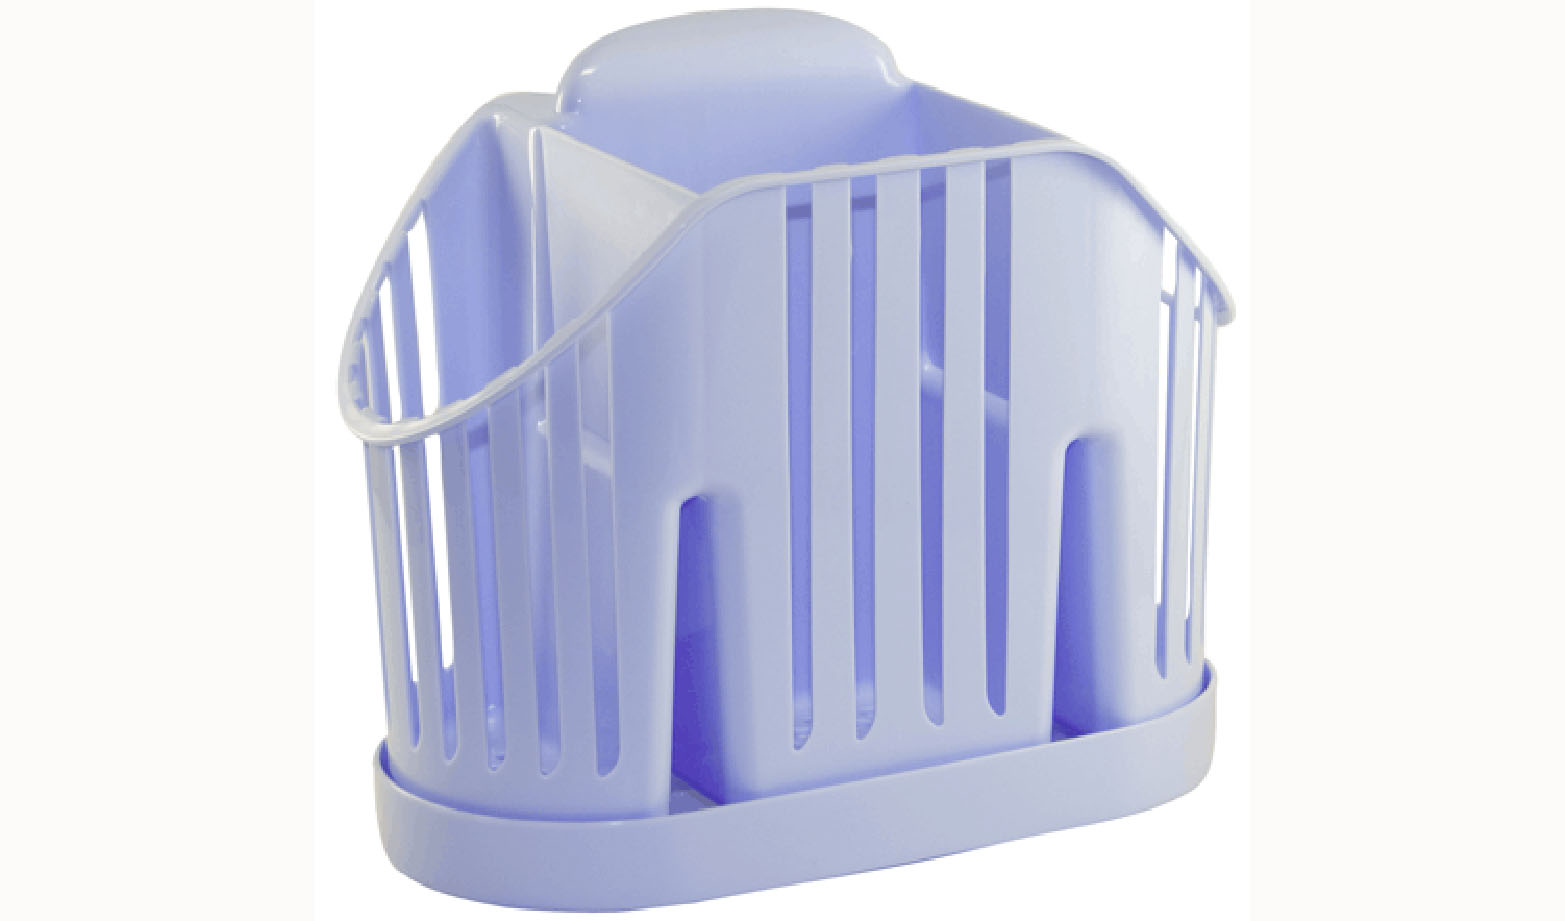 Подставка для столовых приборов Idea, цвет: голубойМ 1160Подставка для столовых приборов Idea, выполненная из высококачественногополипропилена, станет полезным приобретением для вашей кухни. Изделие оснащено 3 секциями дляразличных столовых приборов. Дно и стенки имеют перфорацию для легкого стока жидкости,которую собирает поддон.Такая подставка поможет аккуратно рассортировать все столовые приборы и тем самымподдерживать порядок на кухне.Размер подставки: 13,5 х 17,5 х 11 см.Размер поддона: 18,5 х 10 х 2 см.